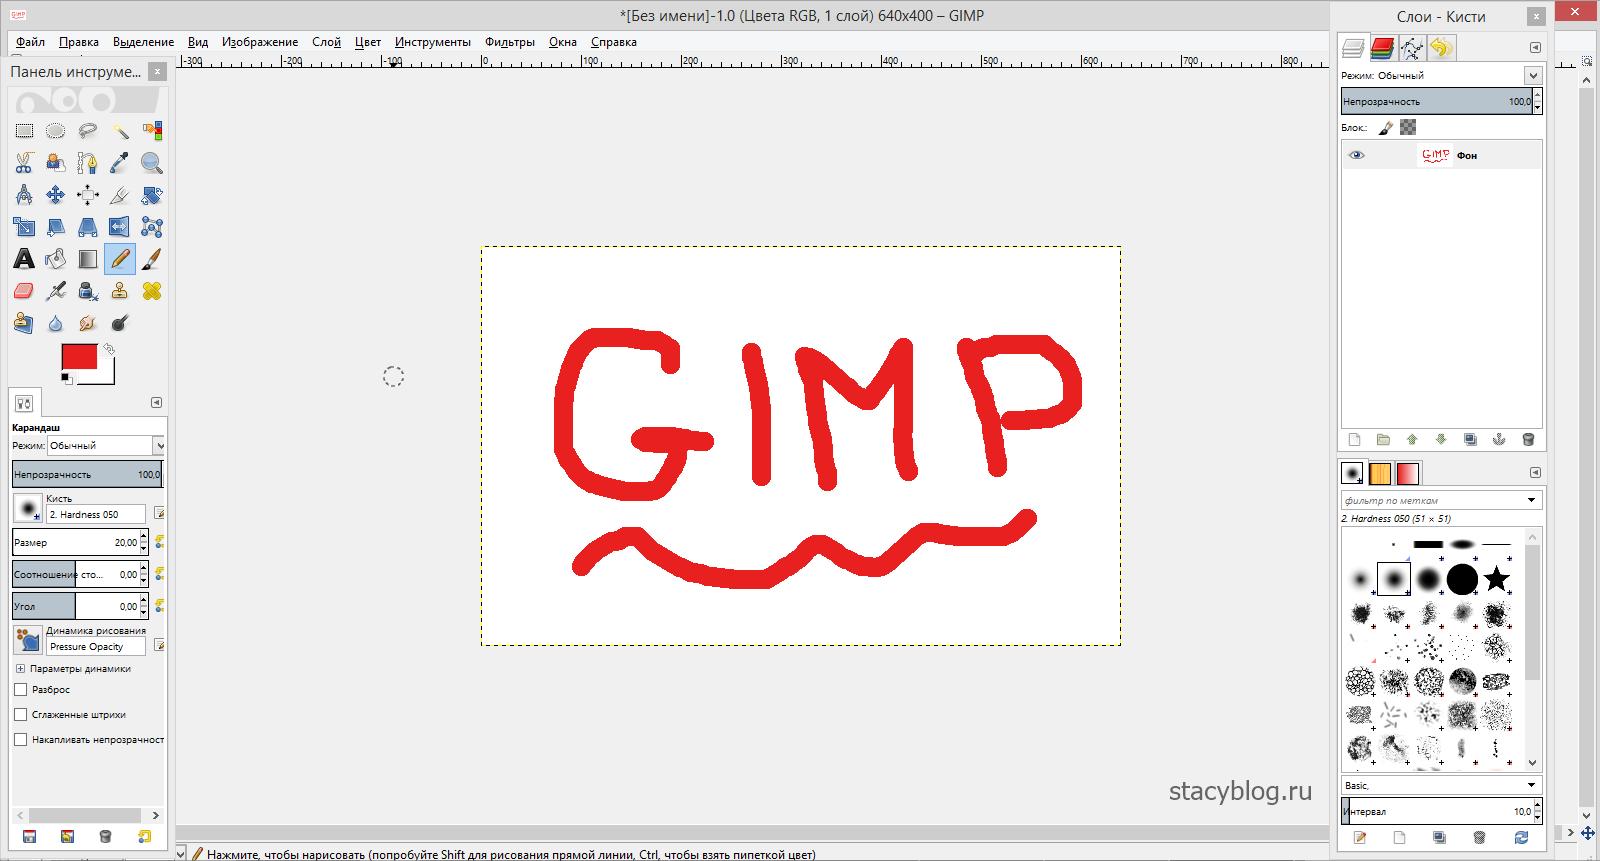 Как сохранить фото, картинку, изображение в GIMP